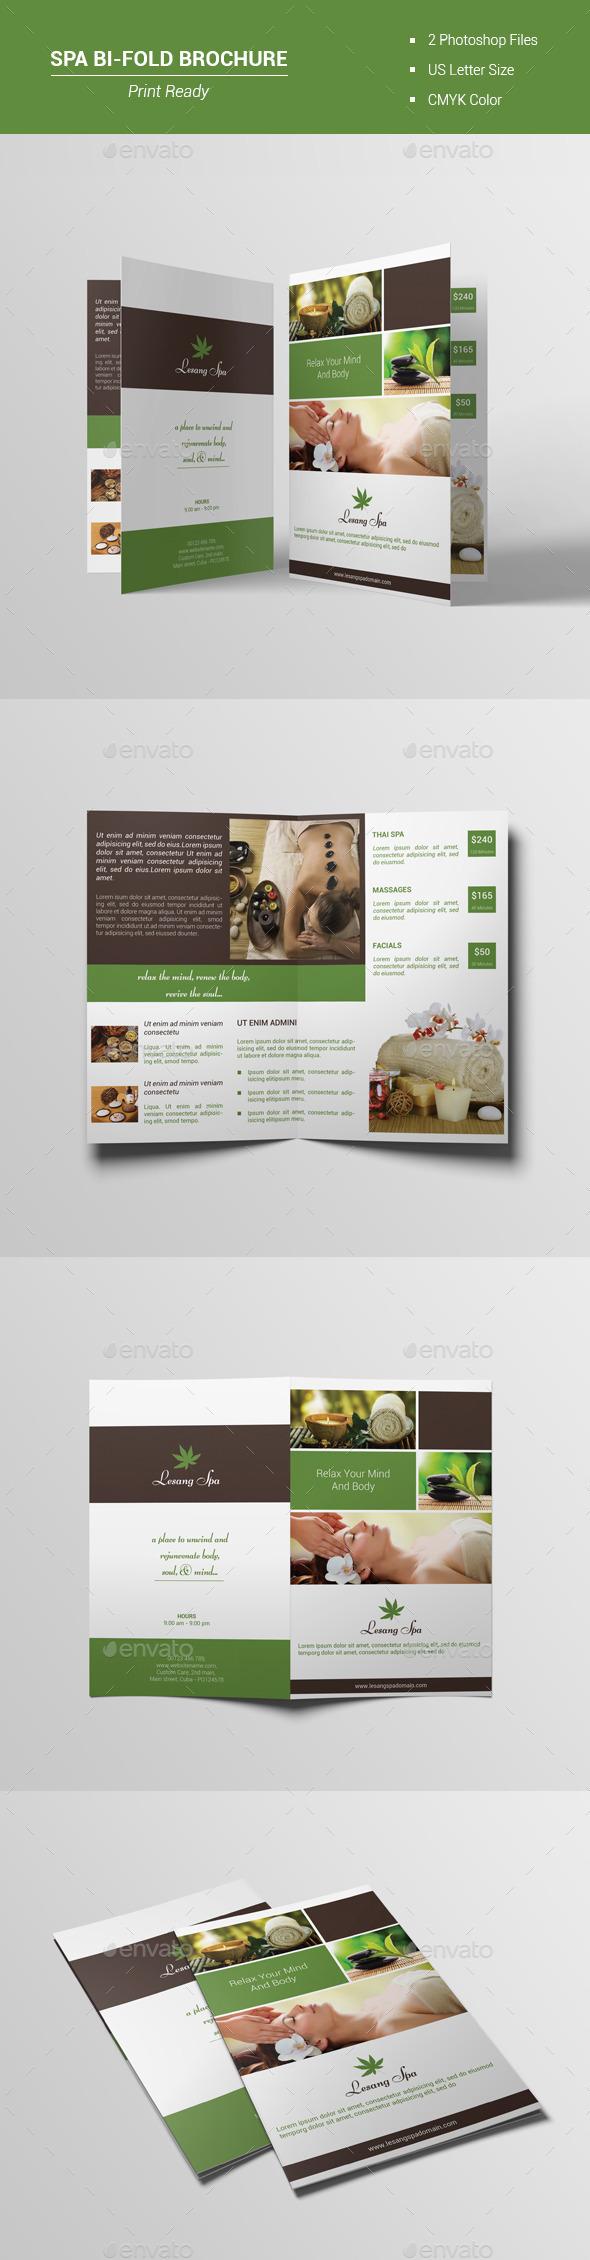 Spa Bi-Fold Brochure V1 - Brochures Print Templates